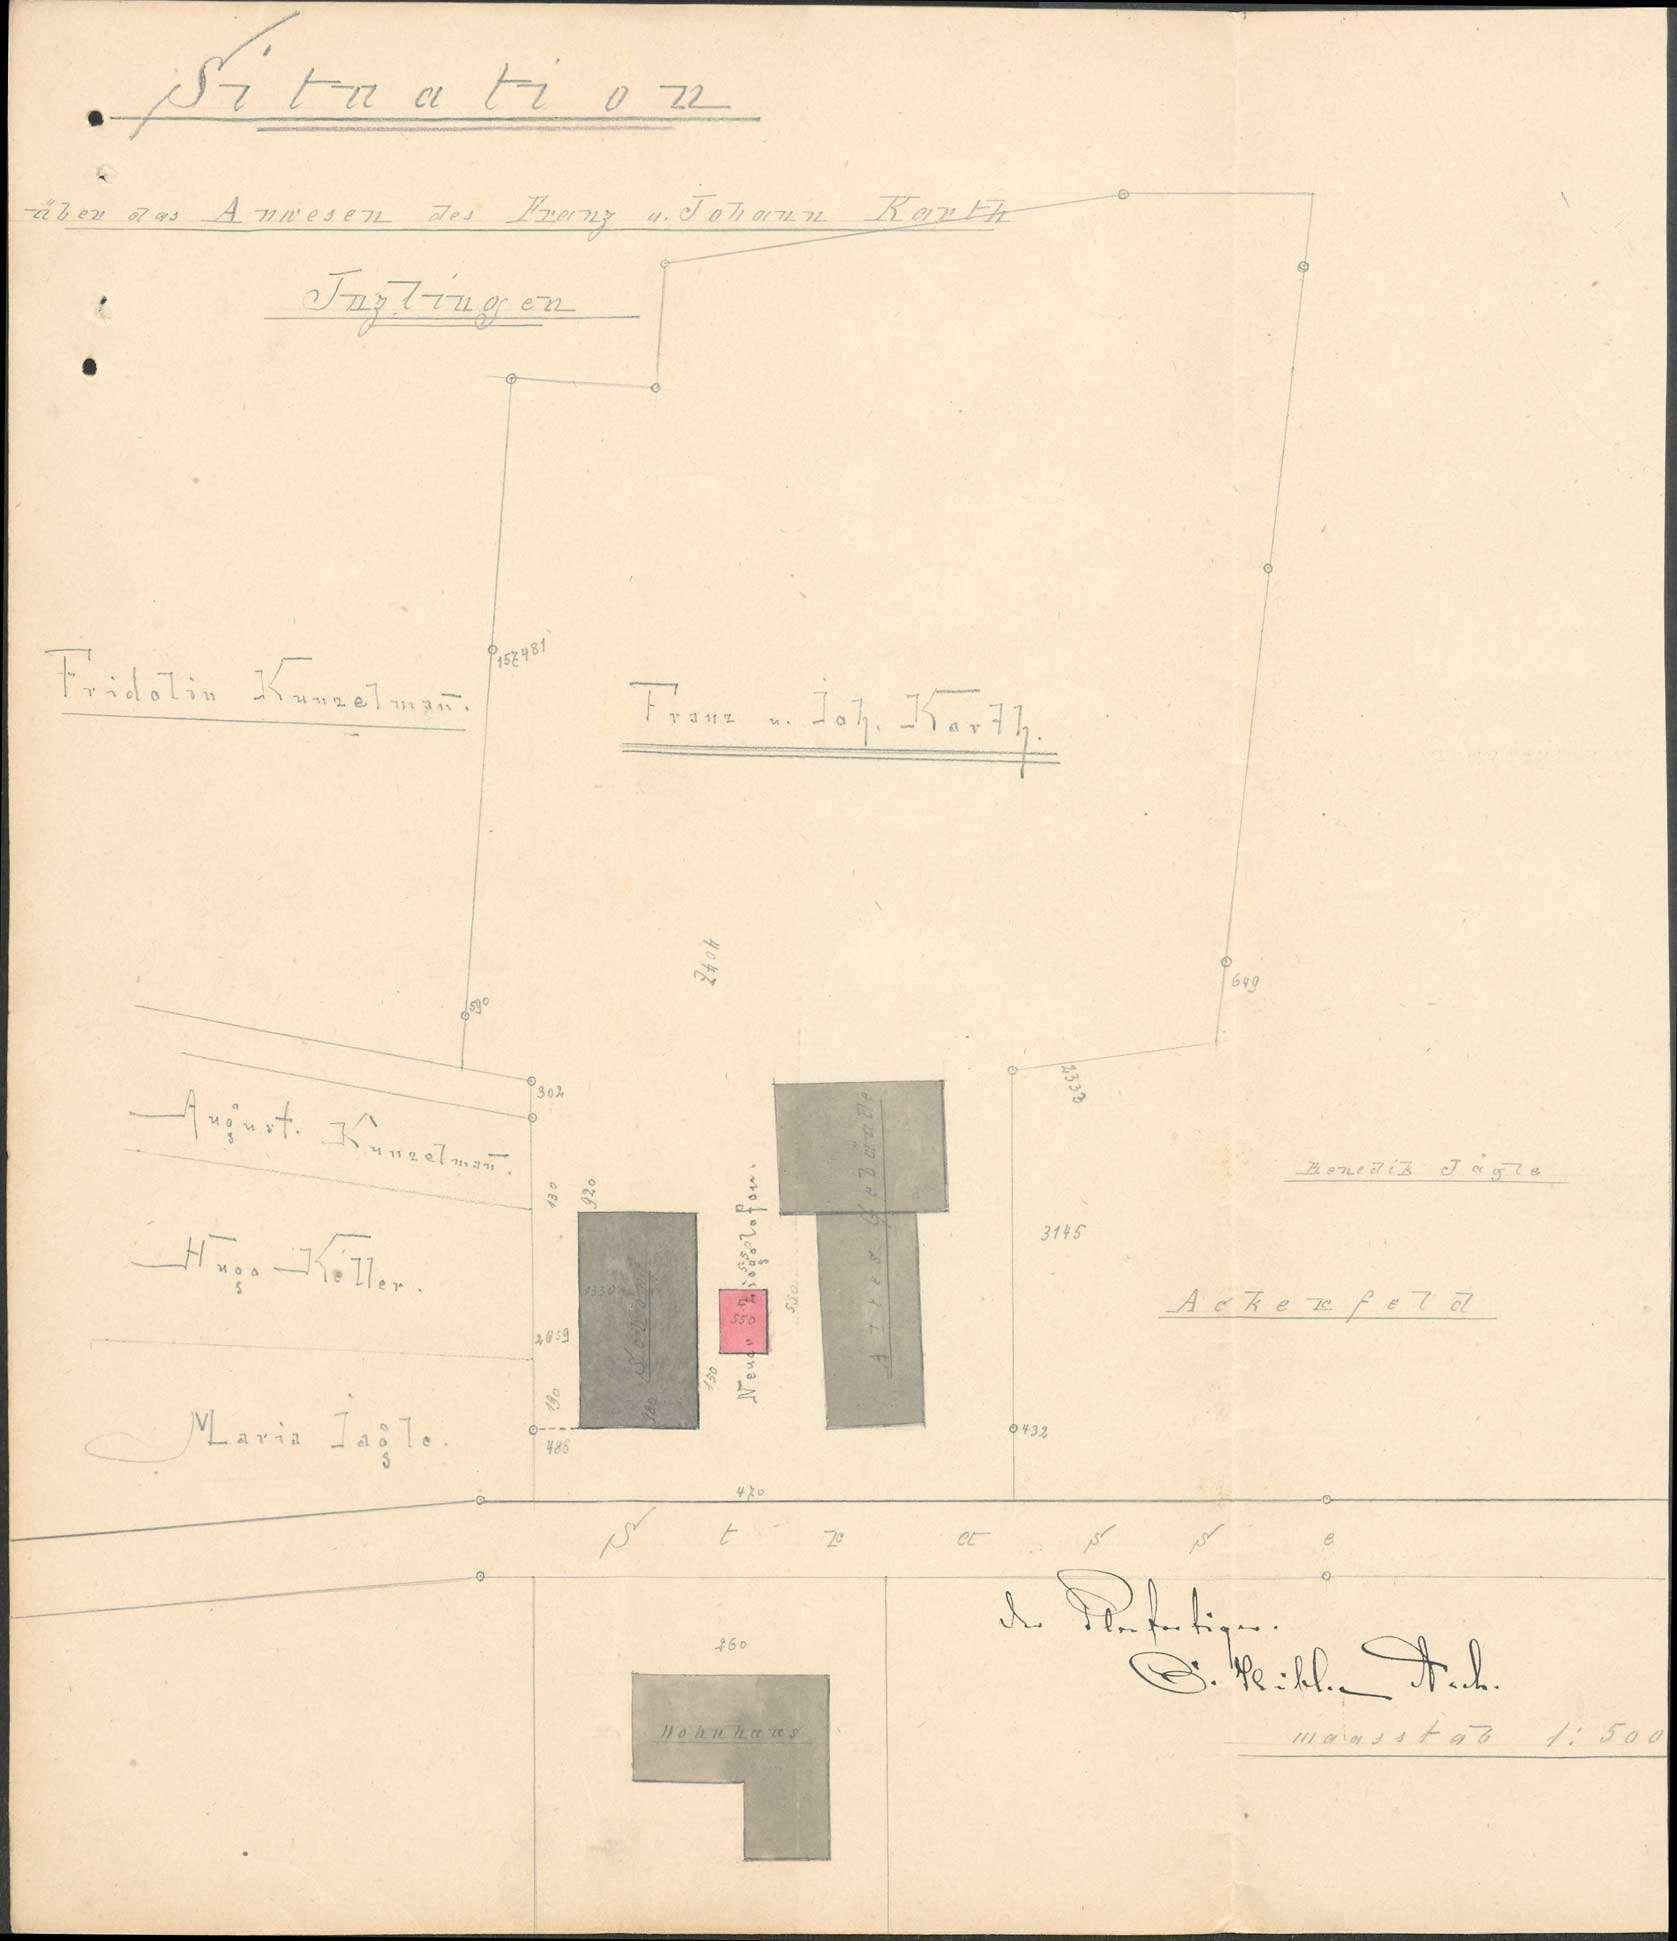 Gesuch des Franz Karth und des Johann Karth, beide von Inzlingen, um Erlaubnis zum Bau einer Kalkbrennerei, Bild 1